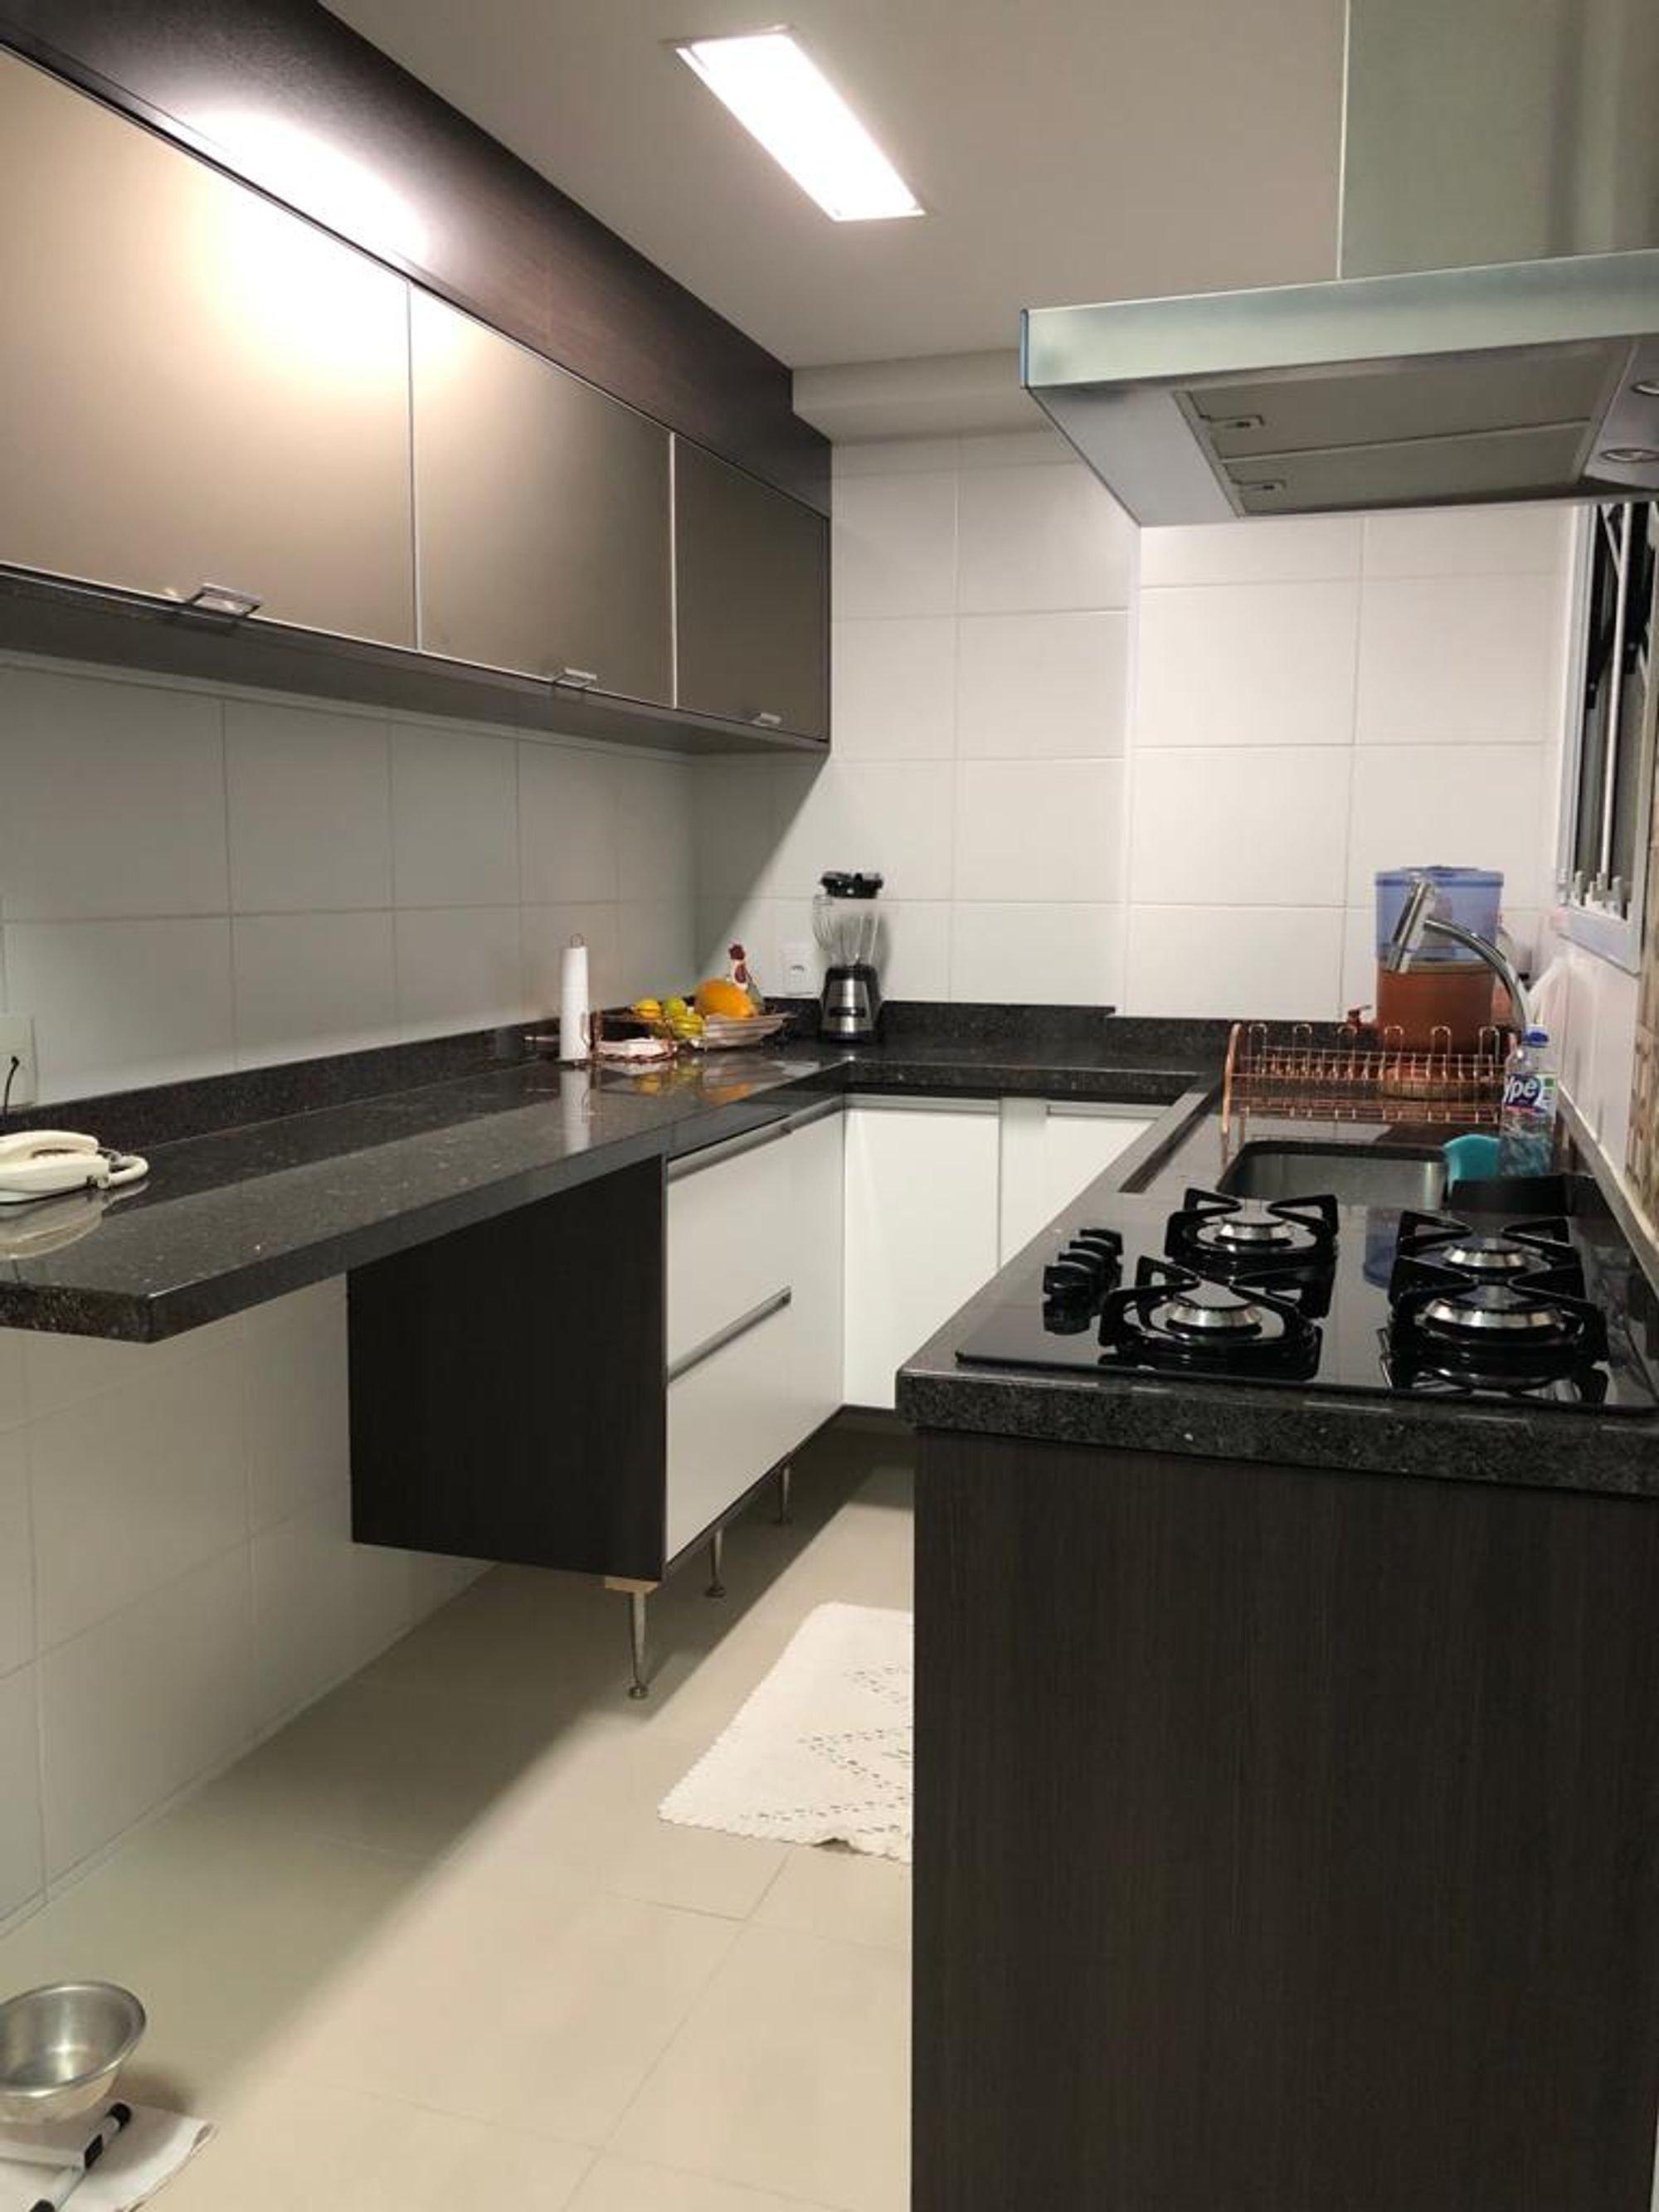 Foto de Cozinha com forno, tigela